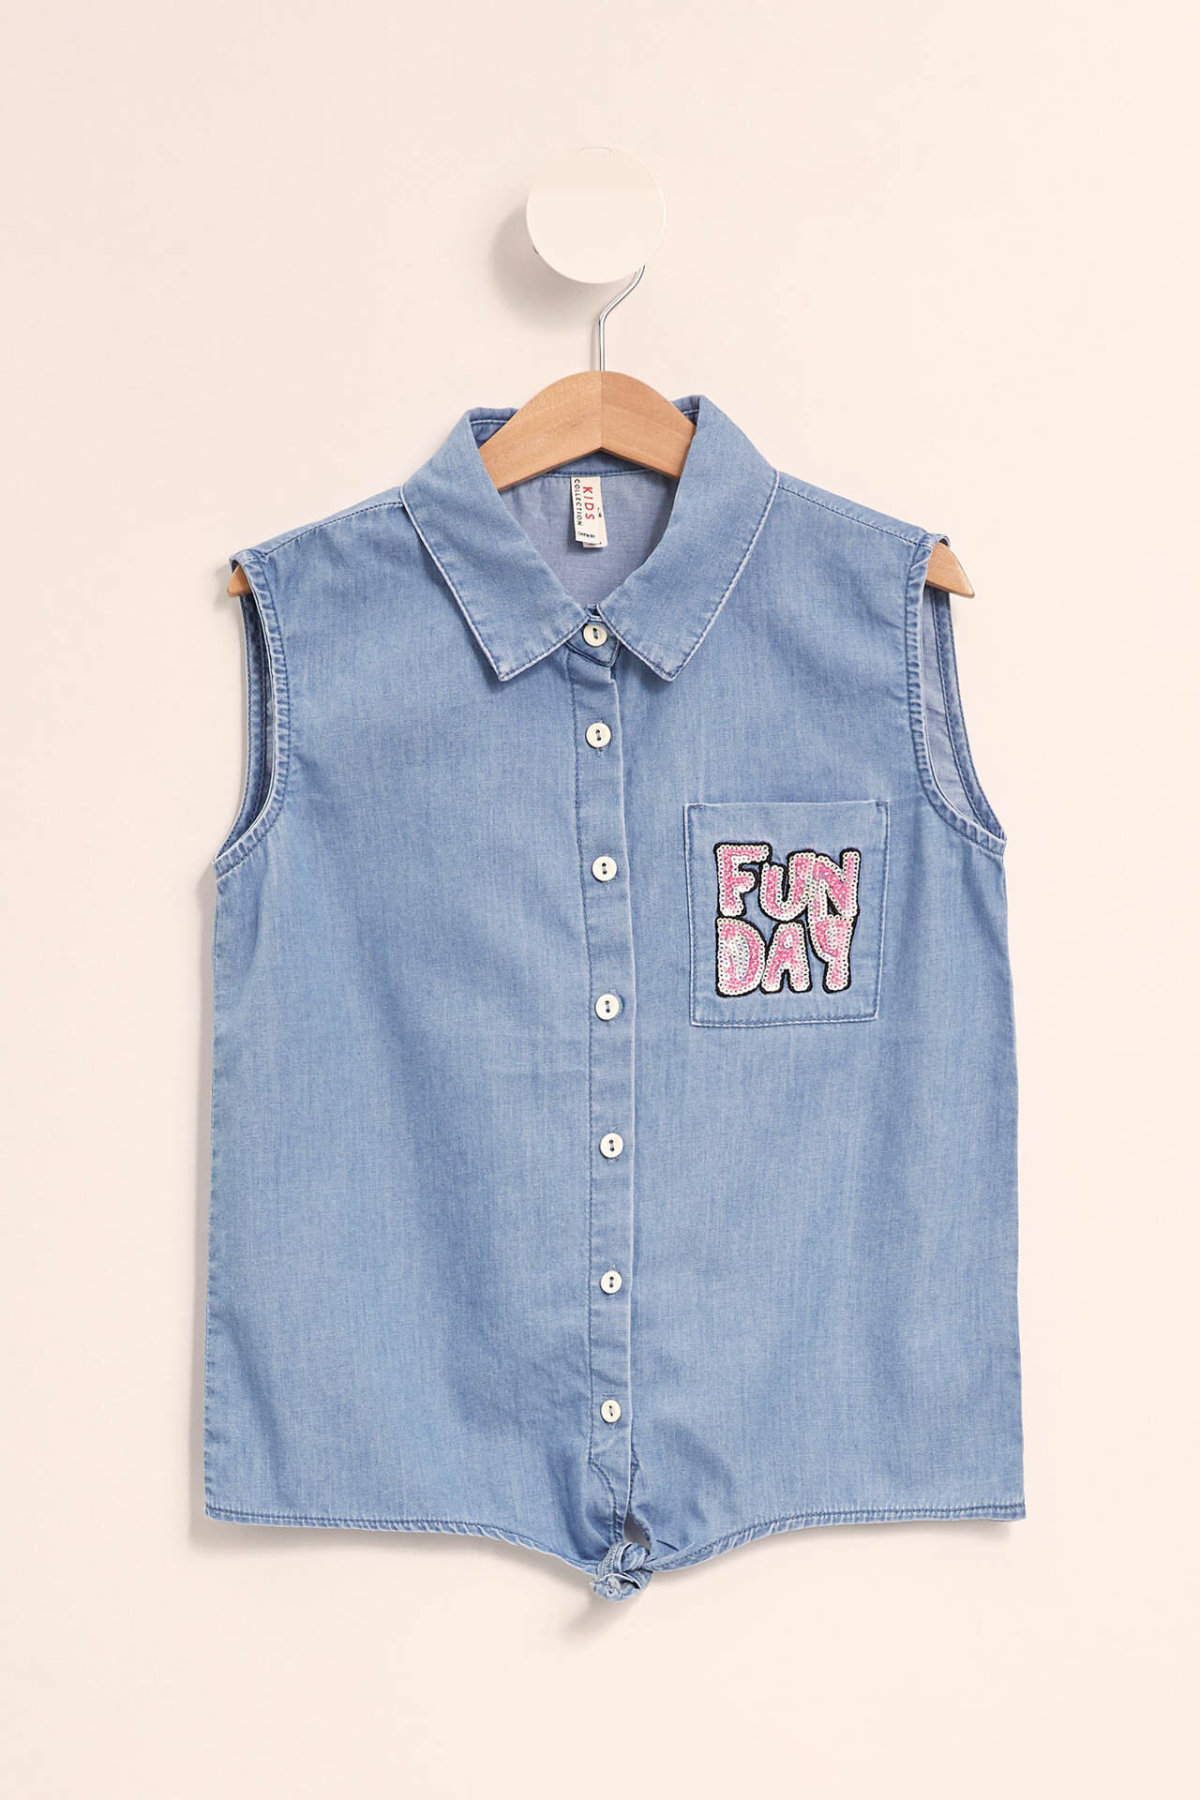 DeFacto chemise en Denim sans manches pour filles   Chemise décontractée et confortable pour enfants, à la mode, chemise en Jean pour filles, et nouvelle collection